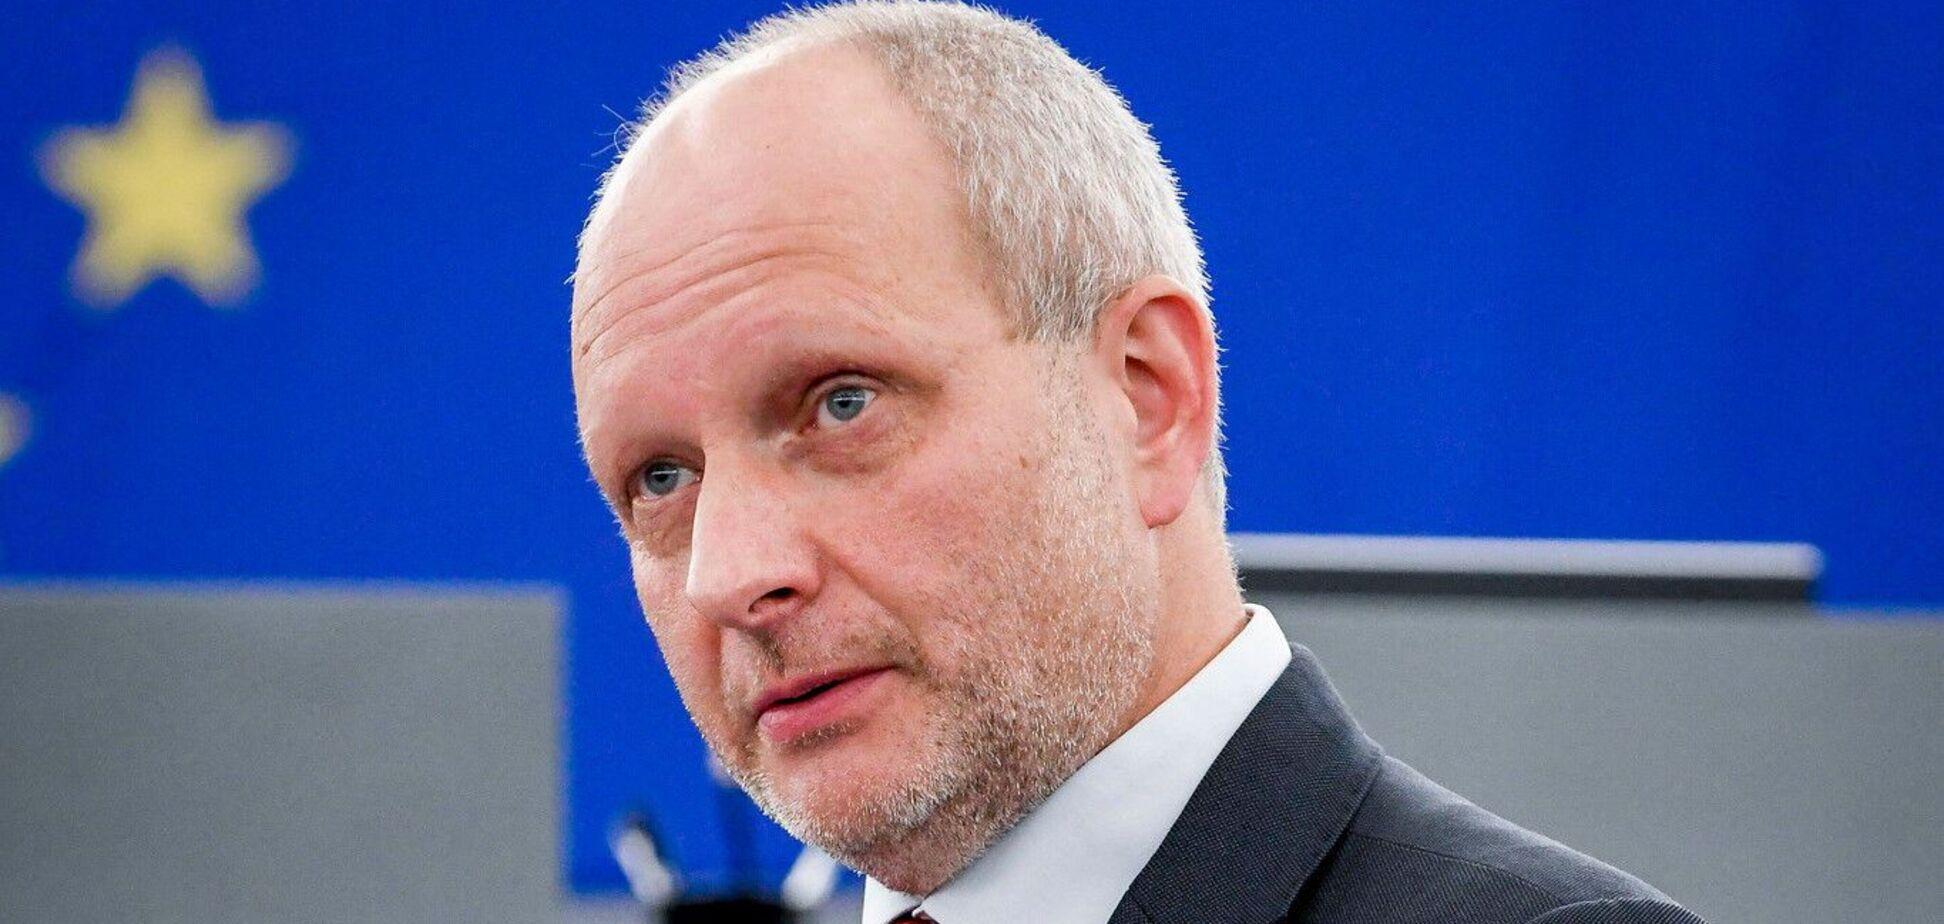 Посол ЕС процитировал Стуса в публичном выступлении